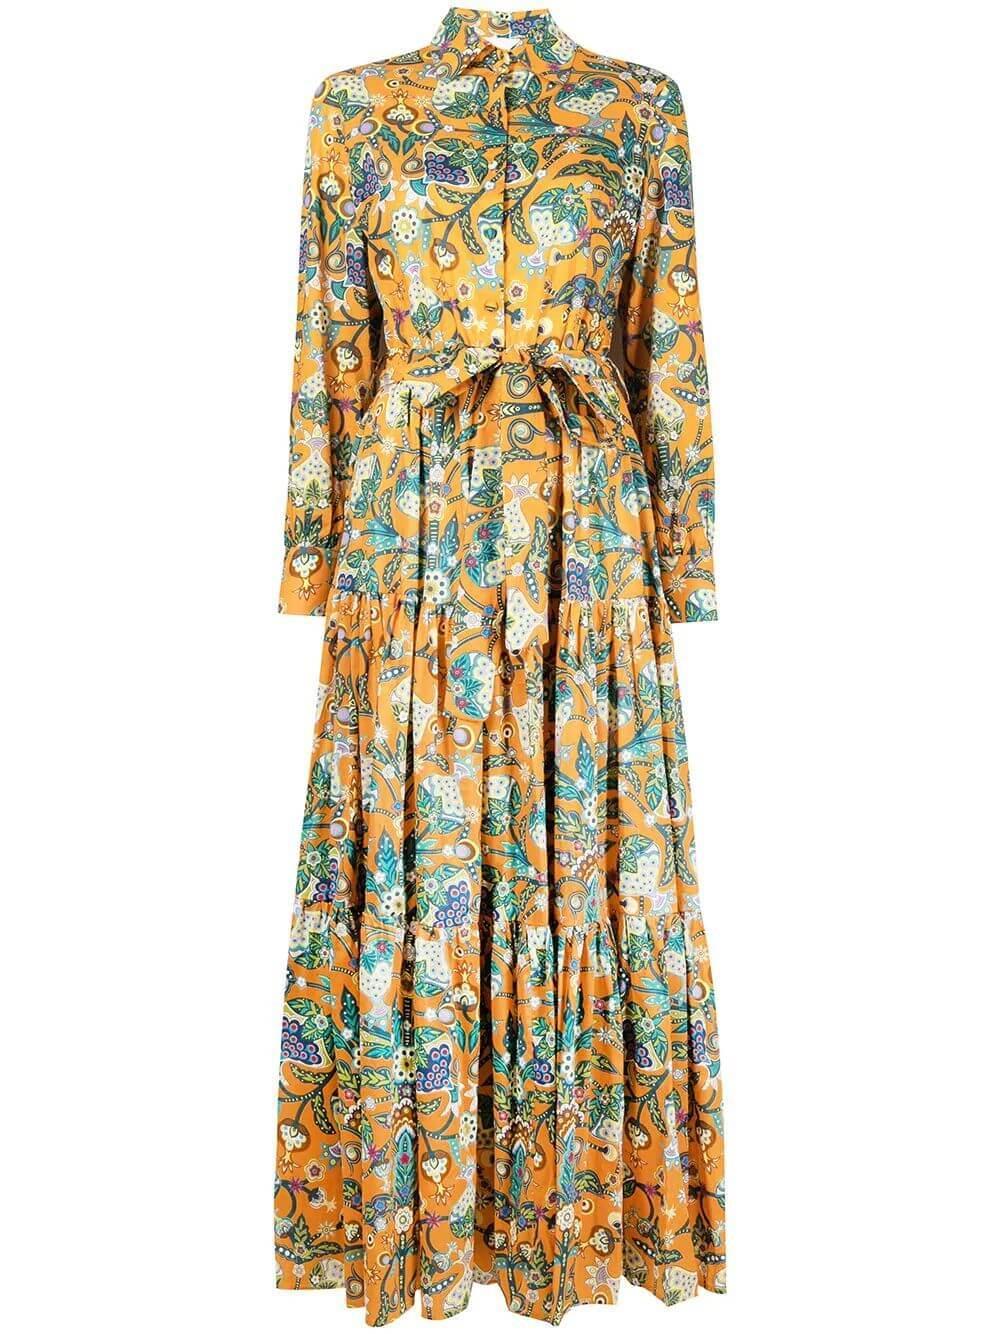 Bellini Tiered Maxi Dress